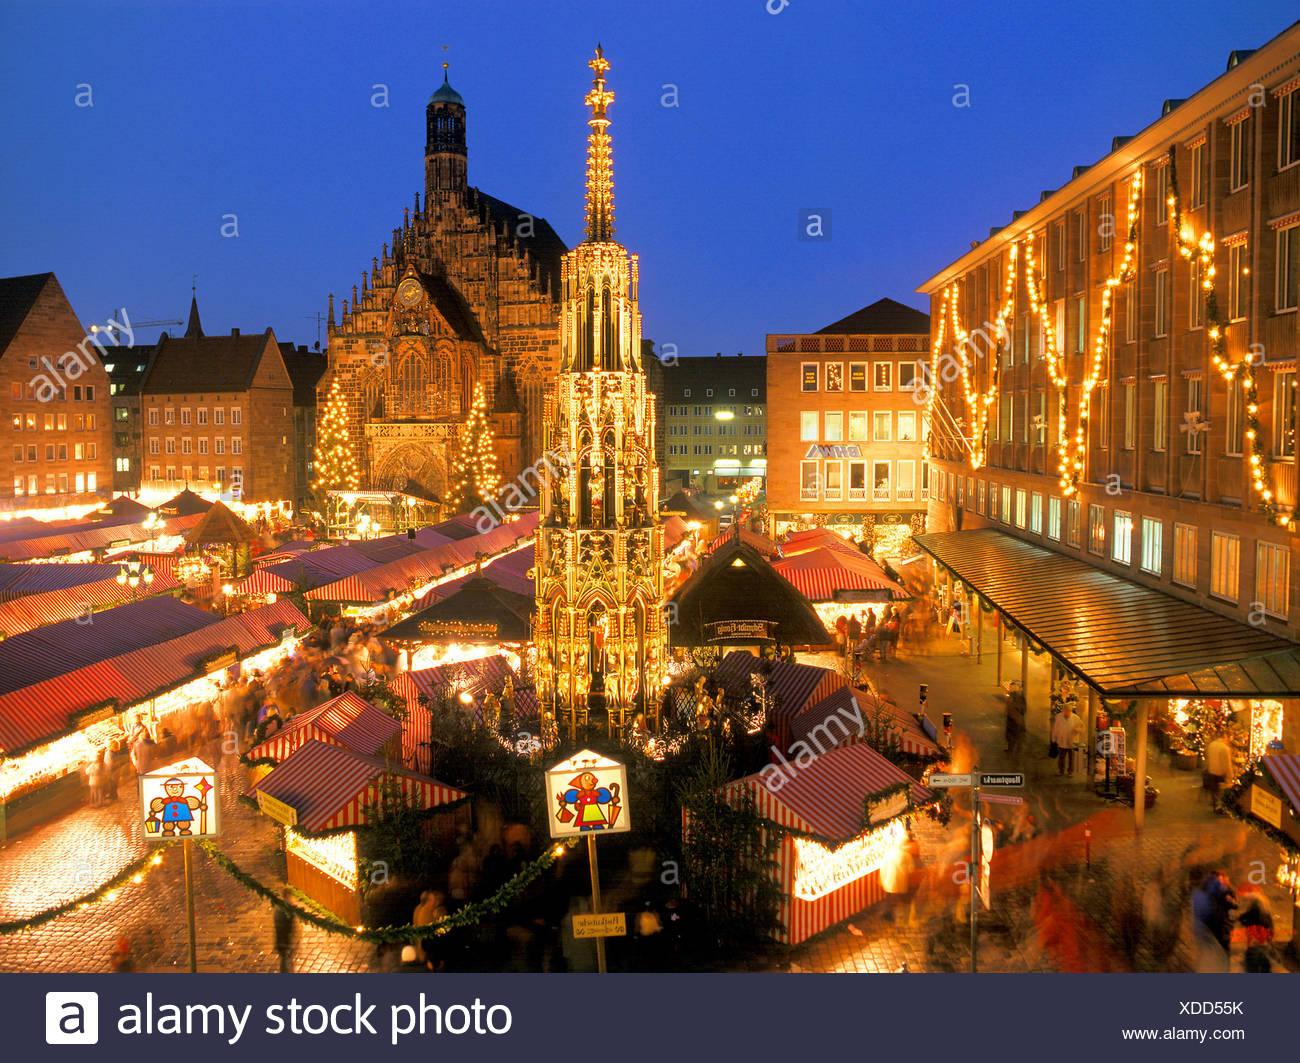 nuremberg christmas market Stock Photo: 283645871 - Alamy